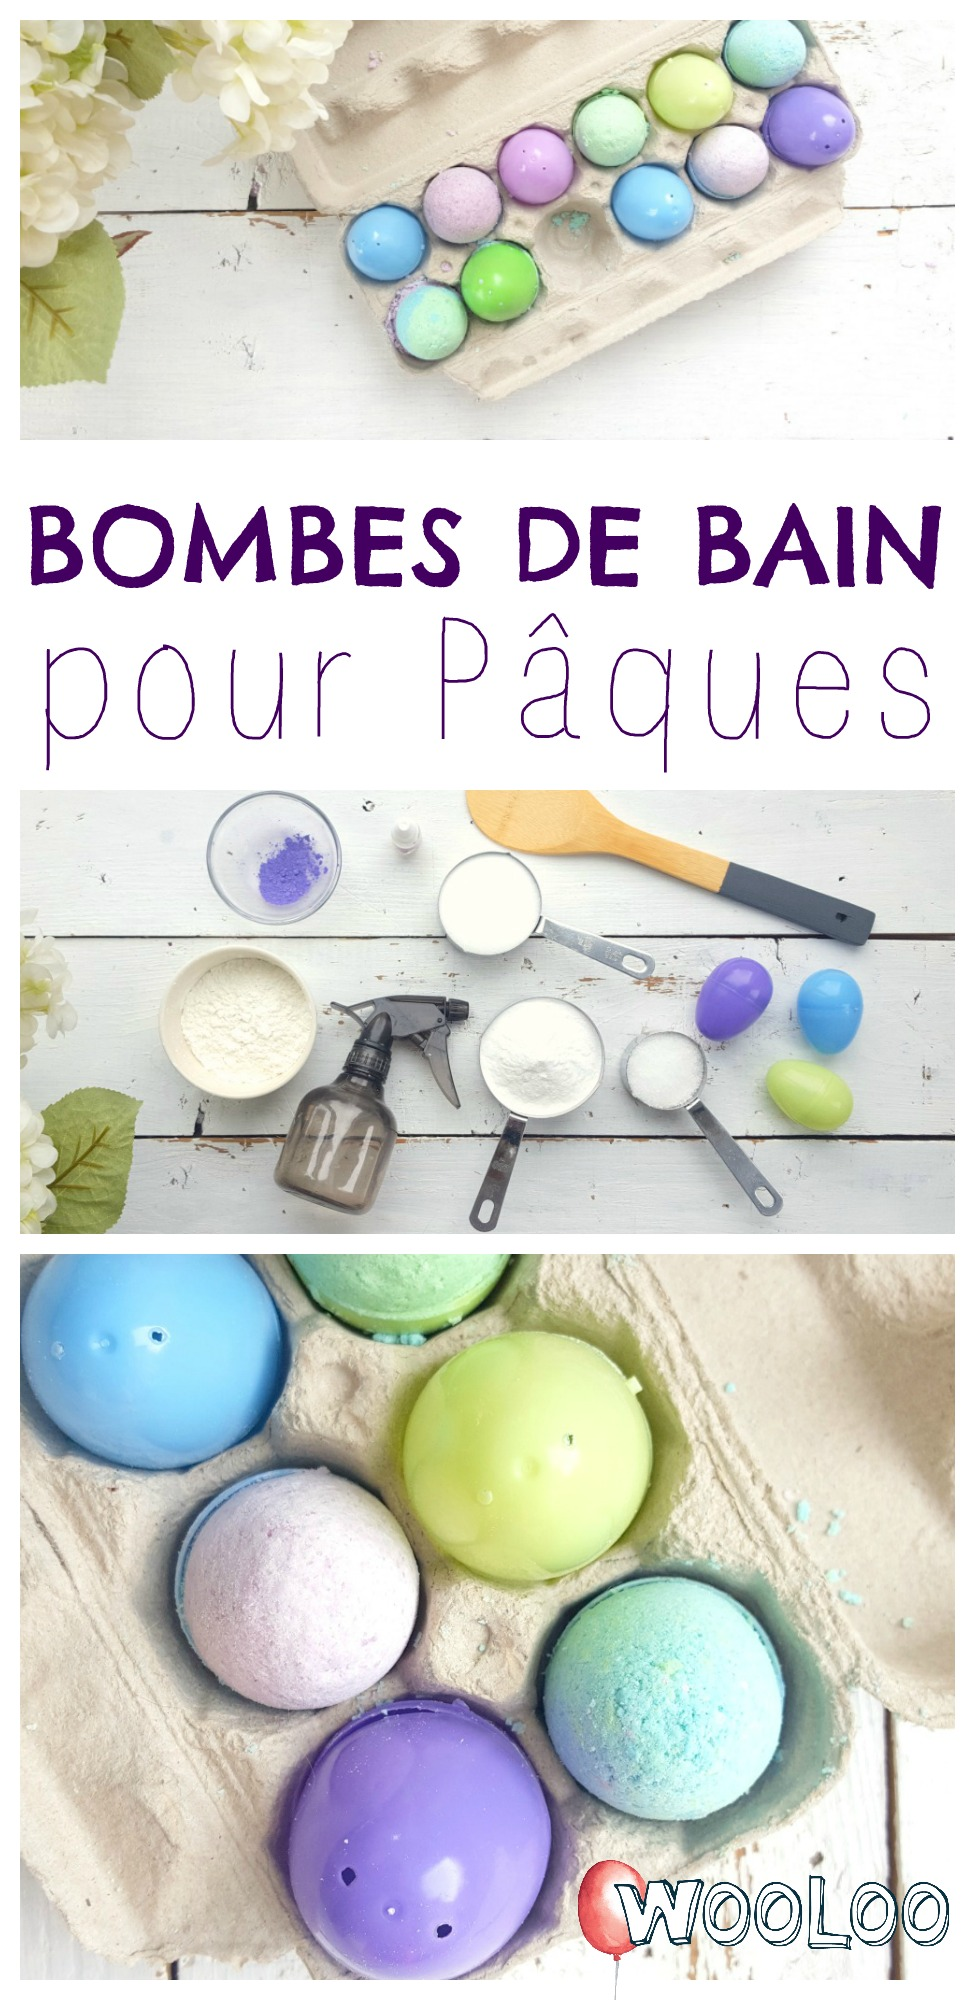 bombes de bain cocos de pâques wooloo